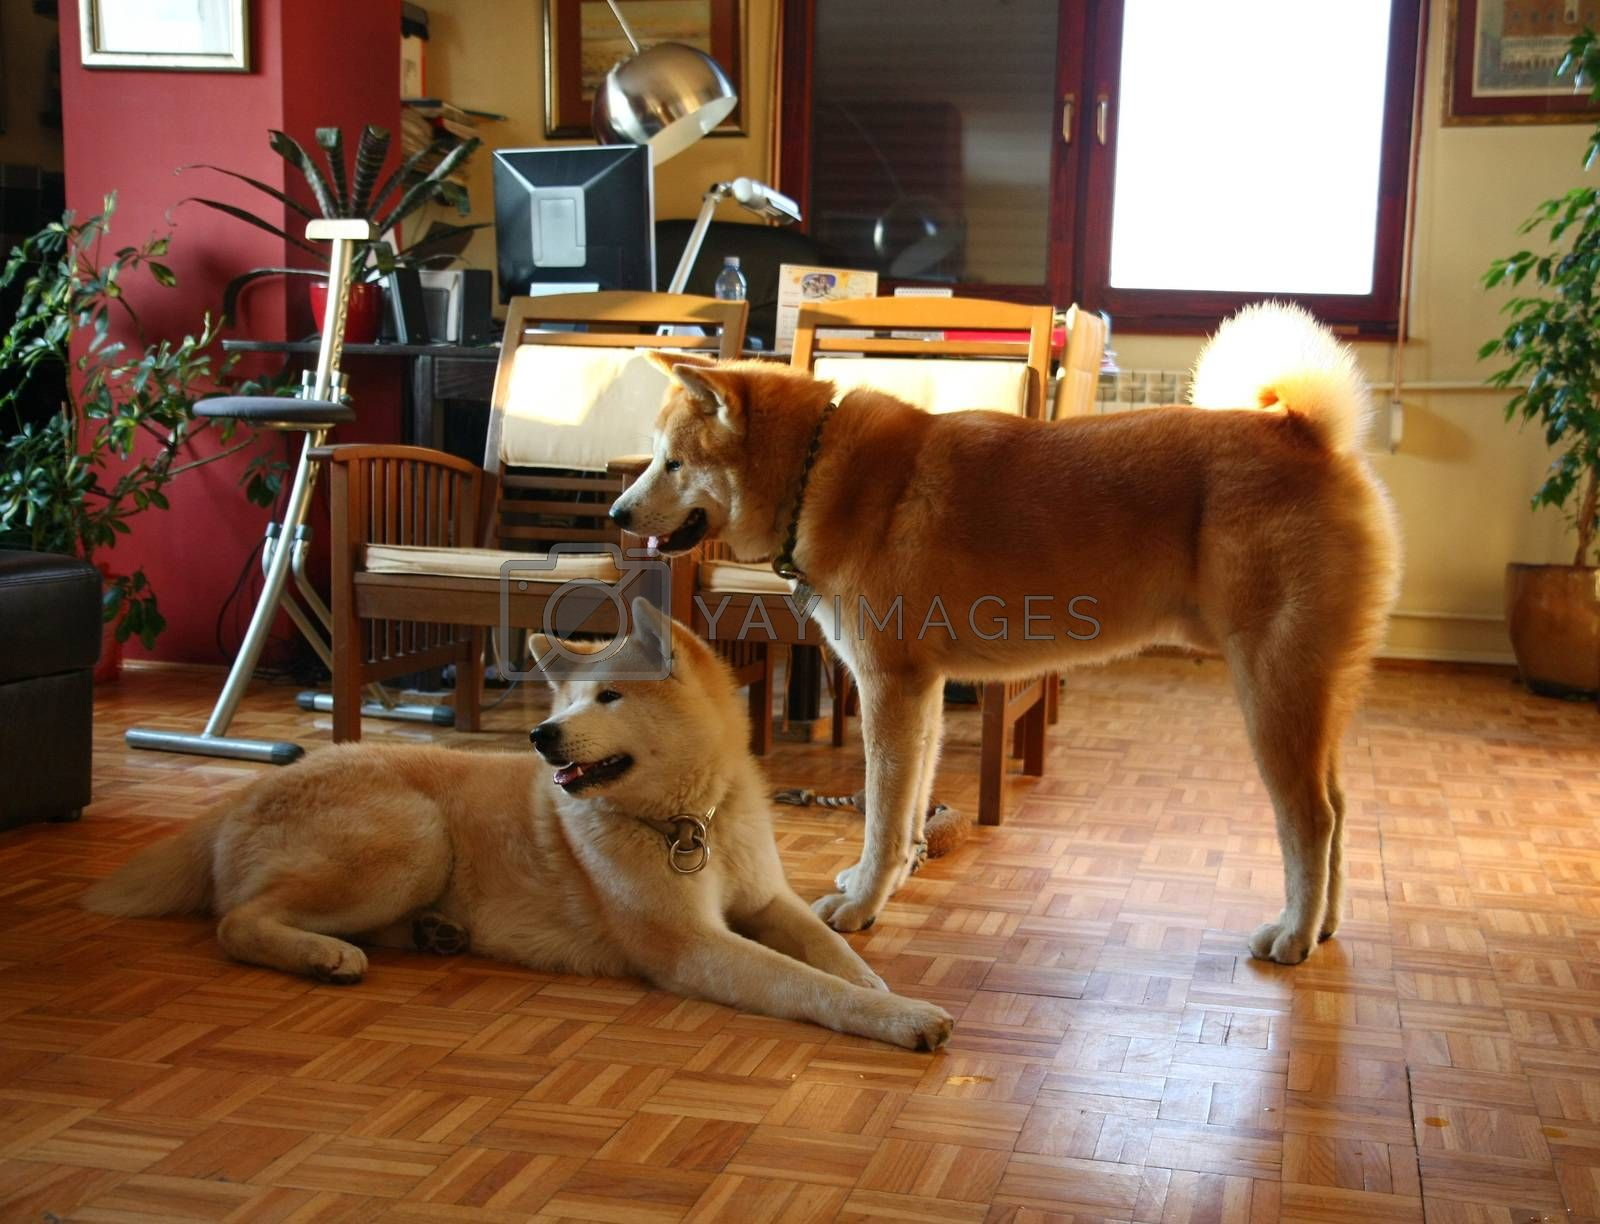 Beautiful Akita Inu dogs resting in the flat